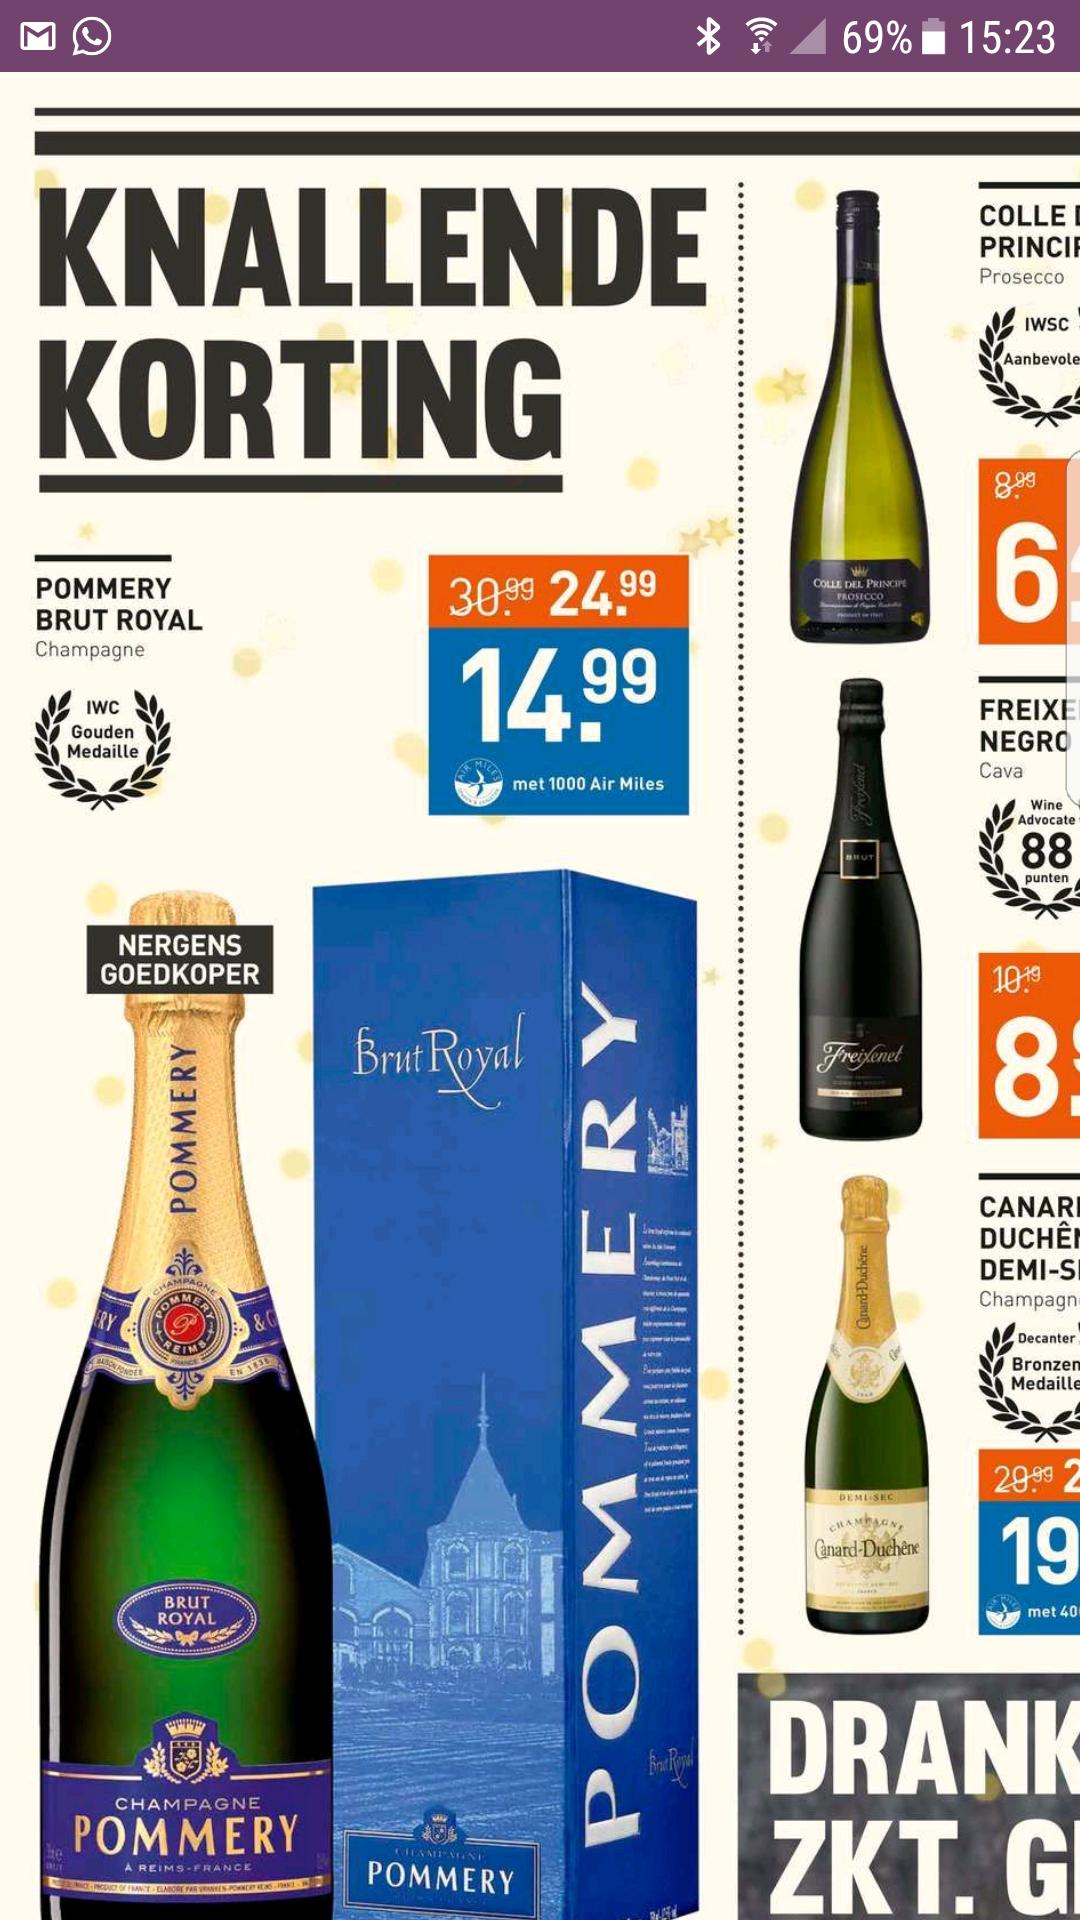 Champagne 50%korting met airmiles